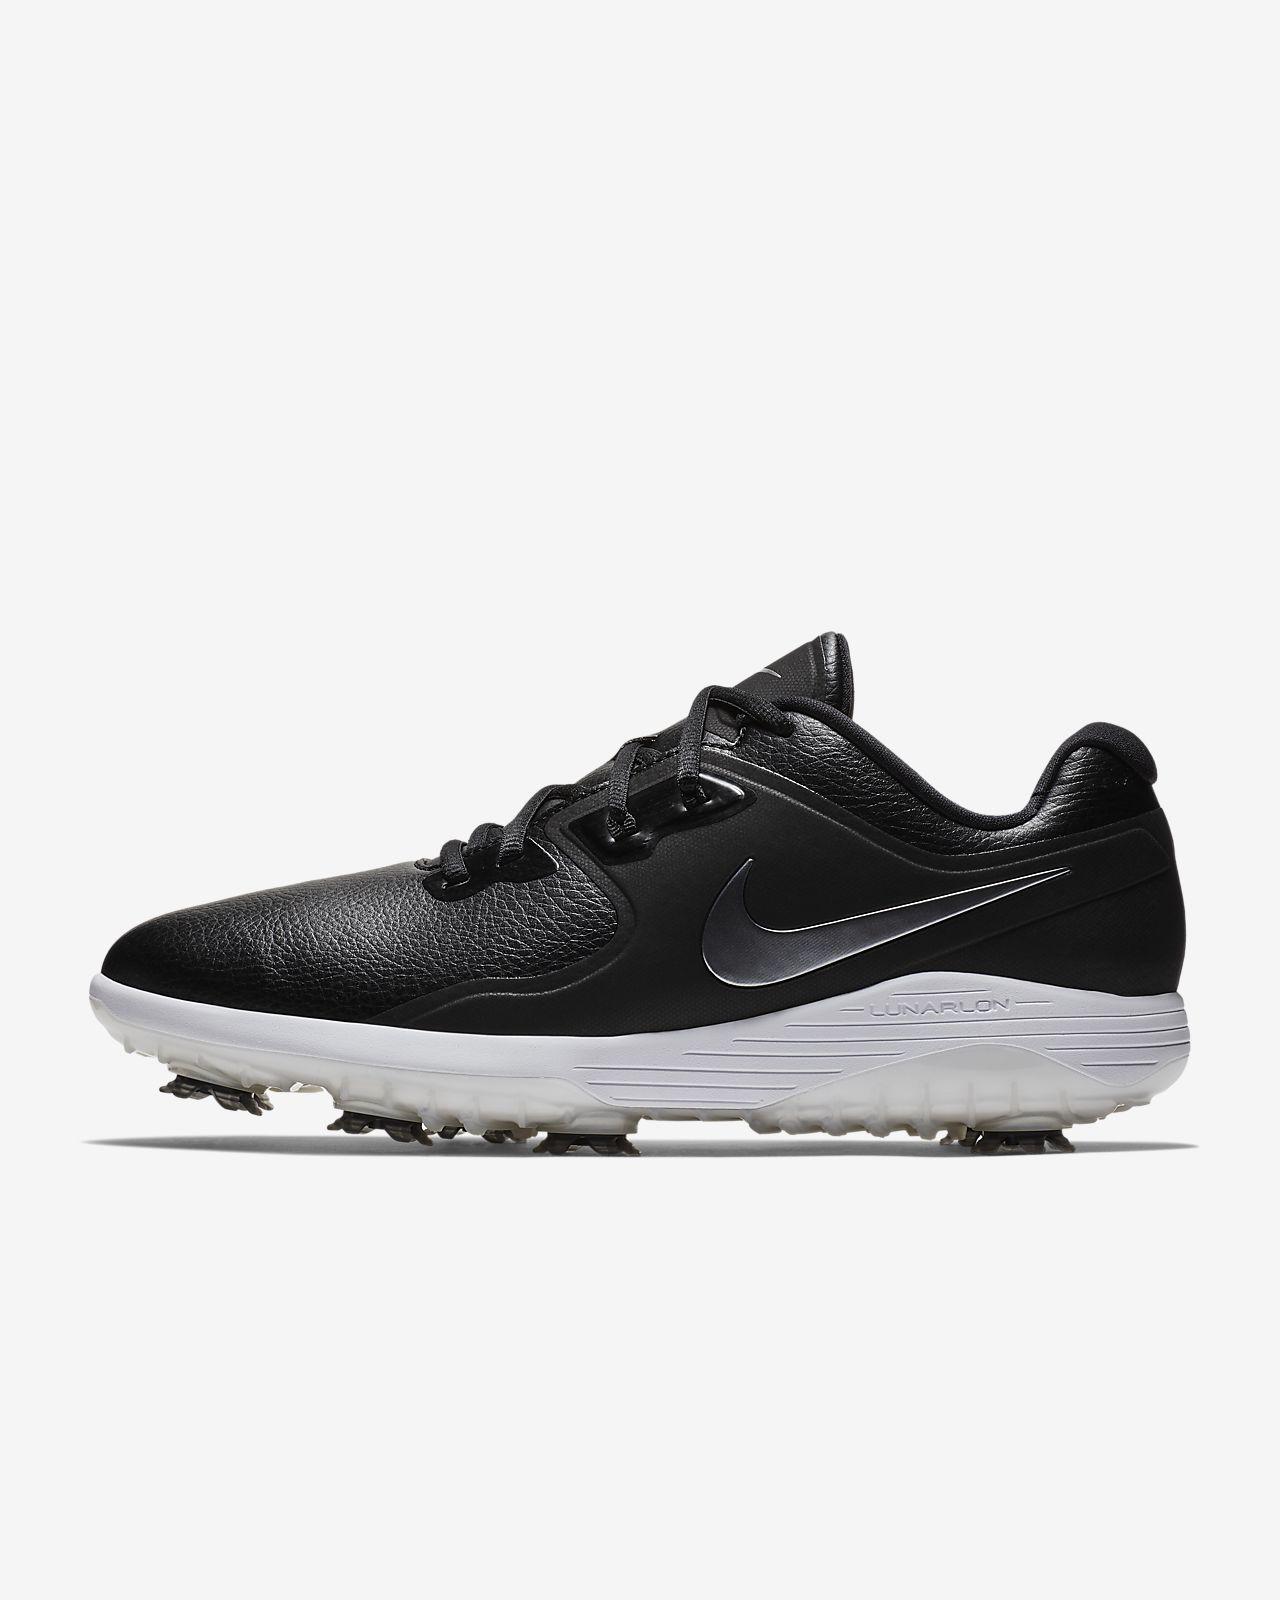 Nike Vapor Pro-golfsko til mænd